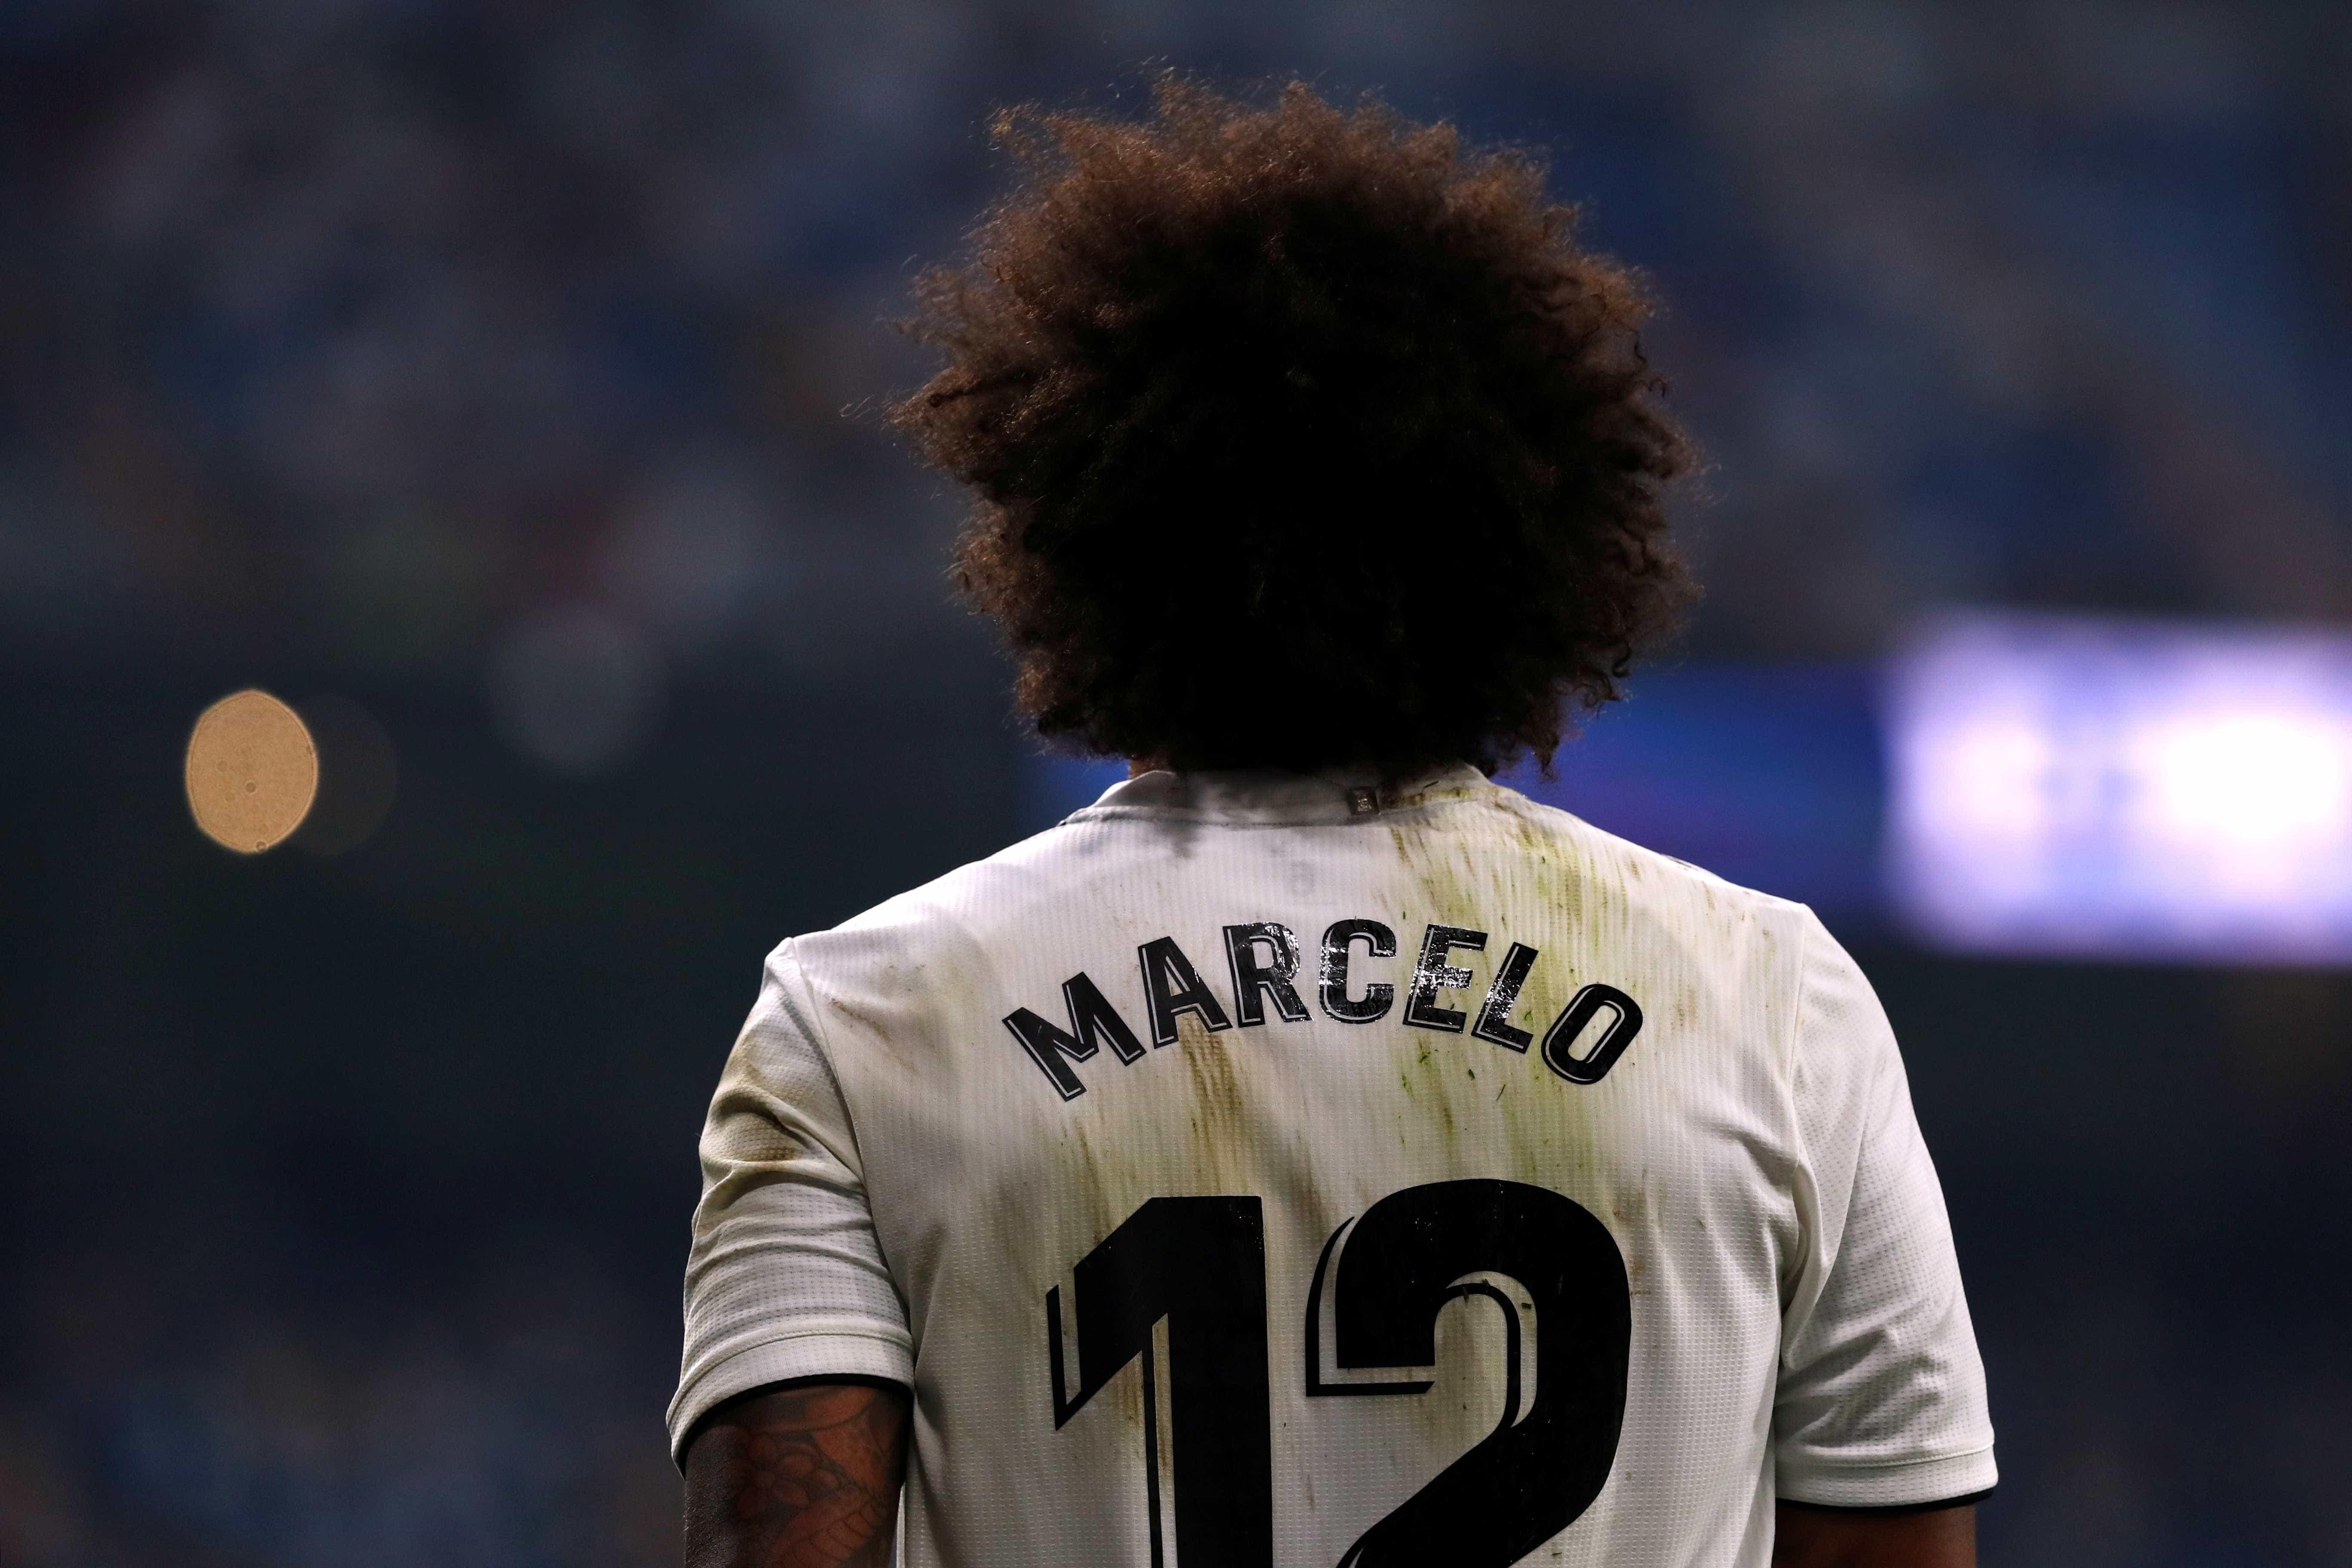 Recuperado de lesão, Marcelo volta a treinar no Real Madrid